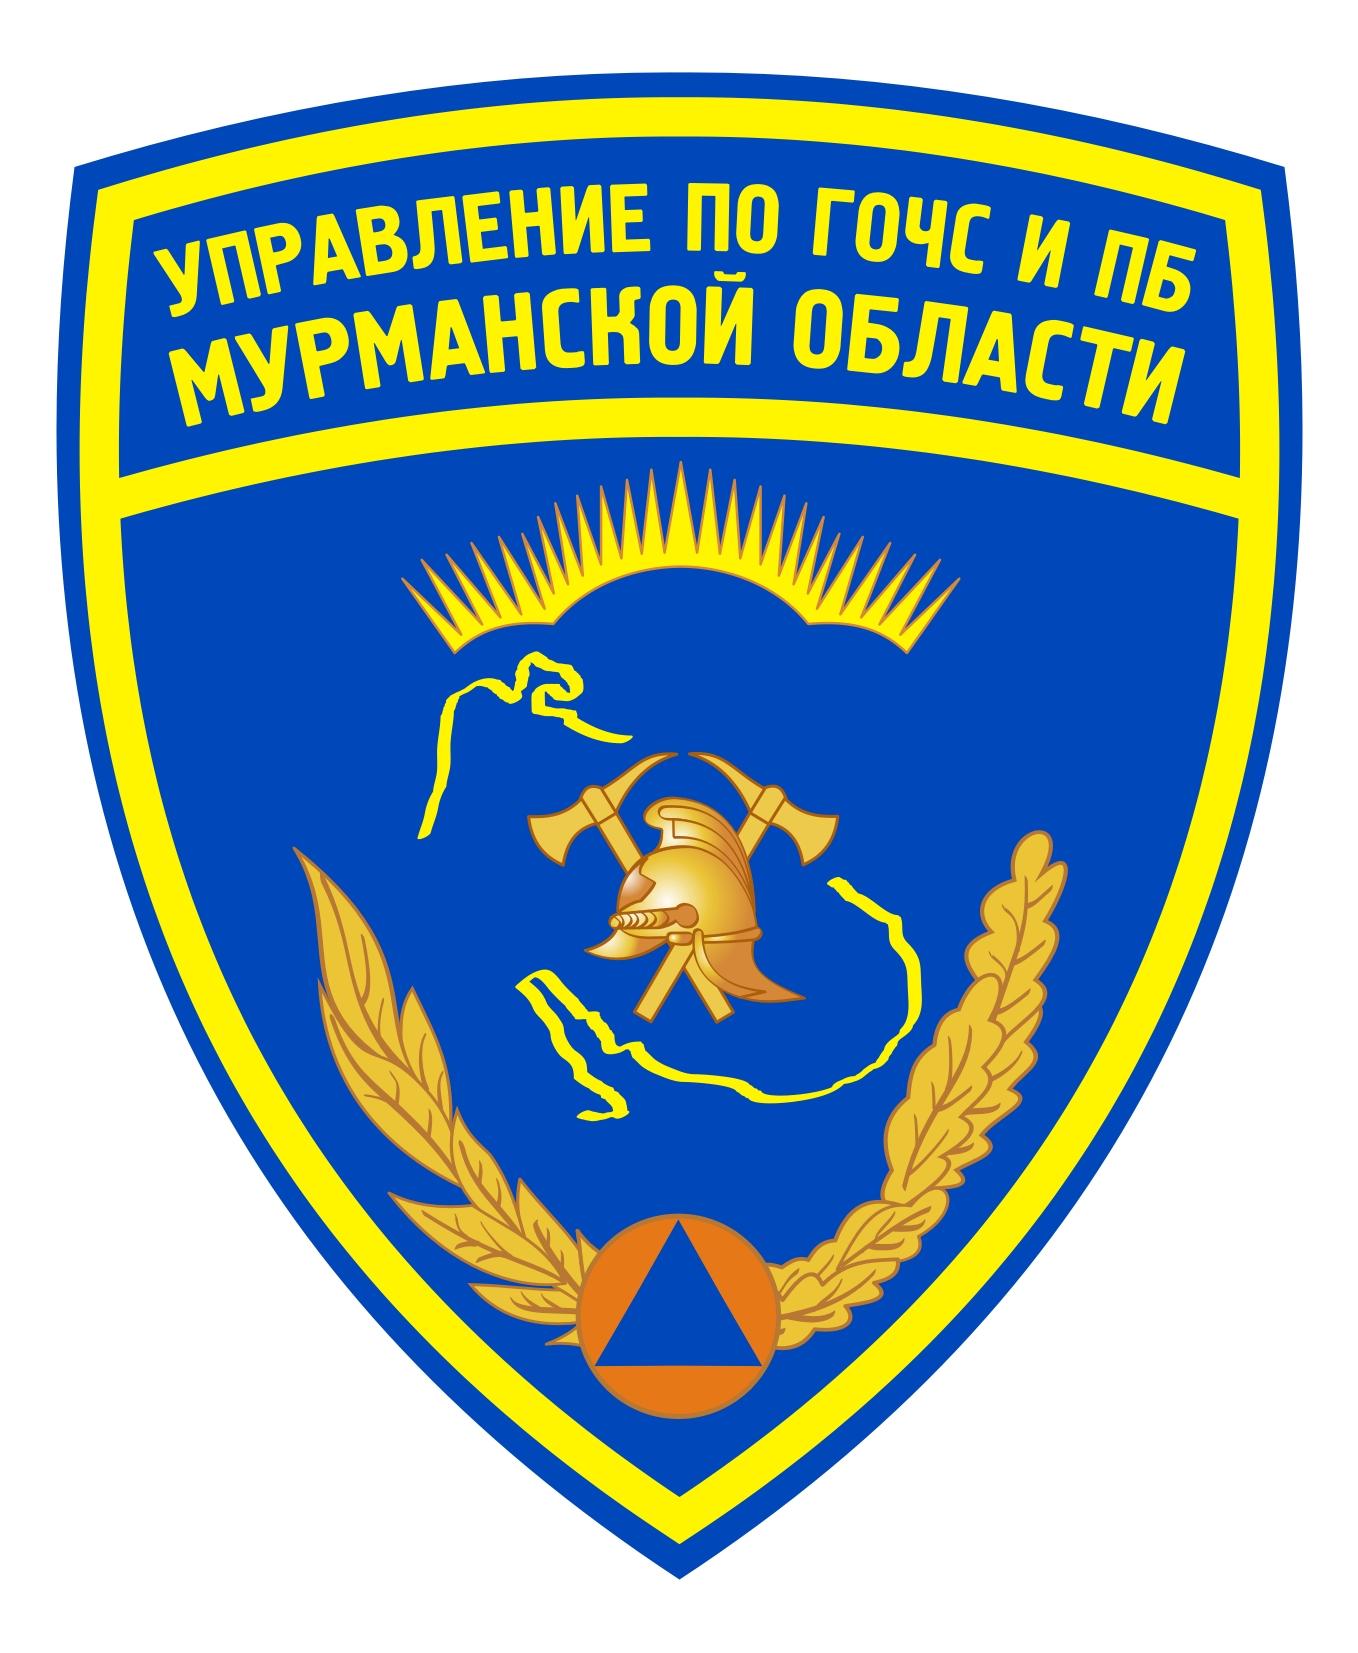 Государственное областное казенное учреждение «Управление по делам гражданской обороны, защите населения от чрезвычайных ситуаций и пожарной безопасности Мурманской области»